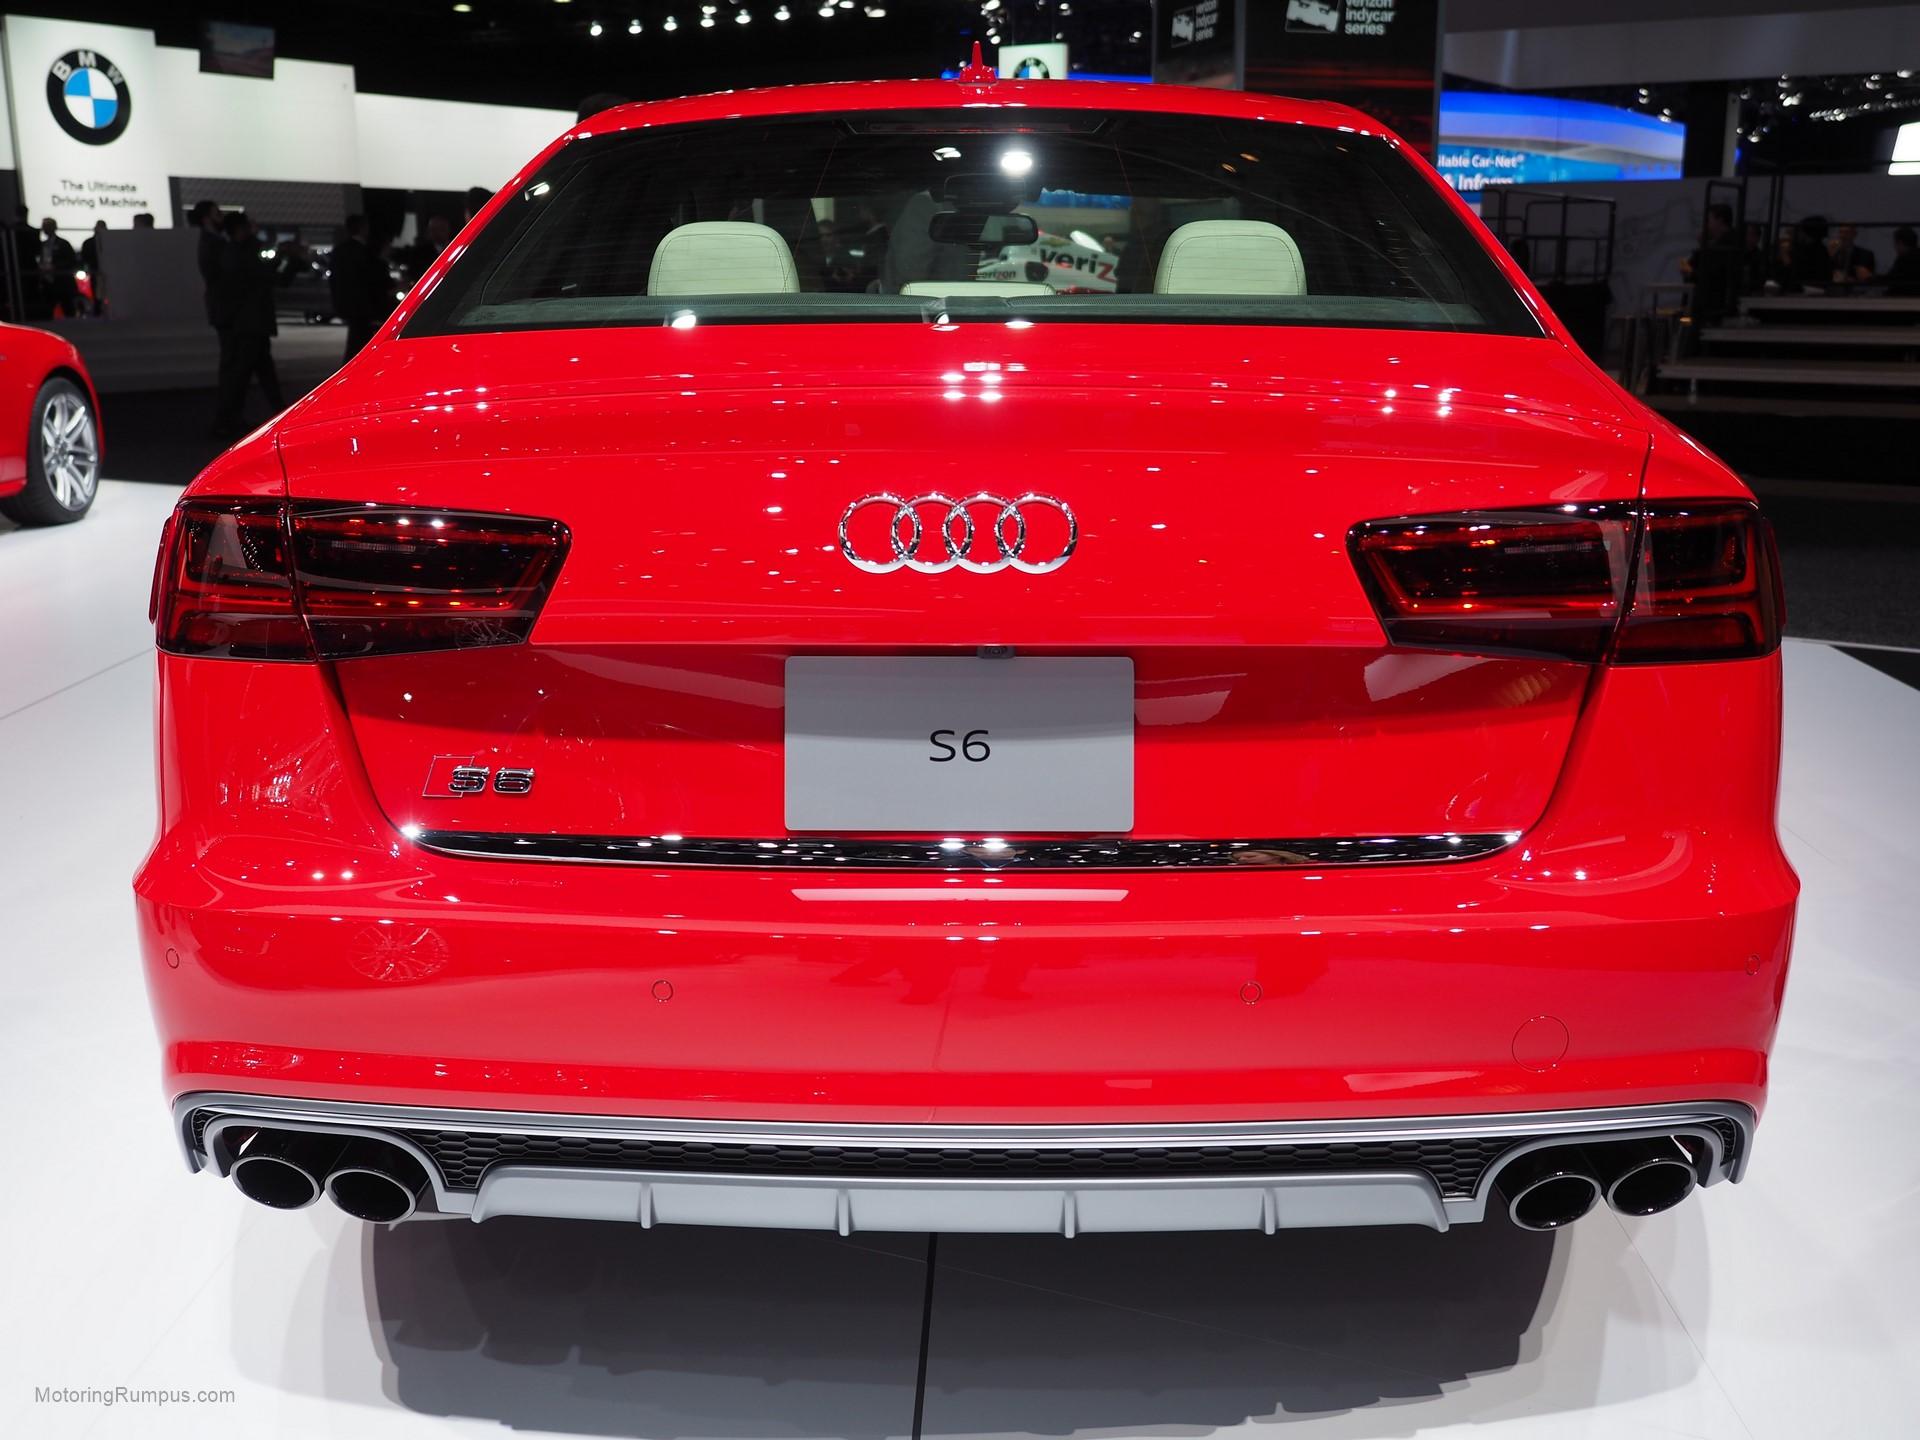 2016 Naias Audi S6 Rear Motoring Rumpus